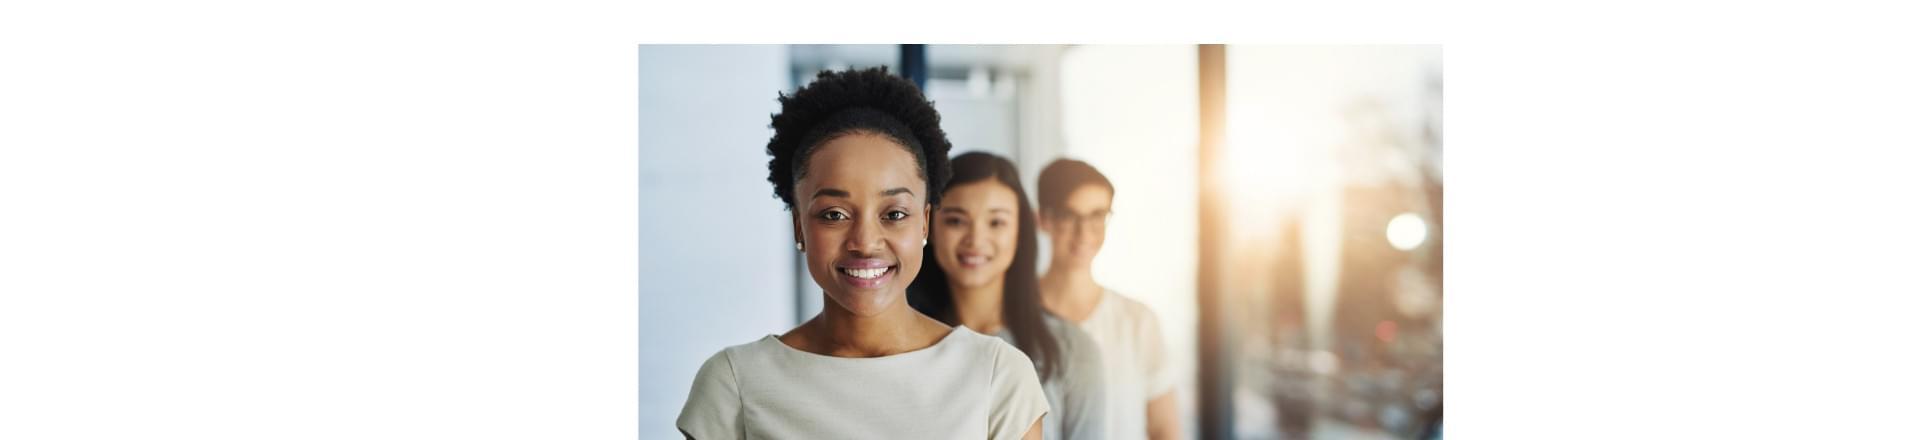 3 diverse woman looking at camera.